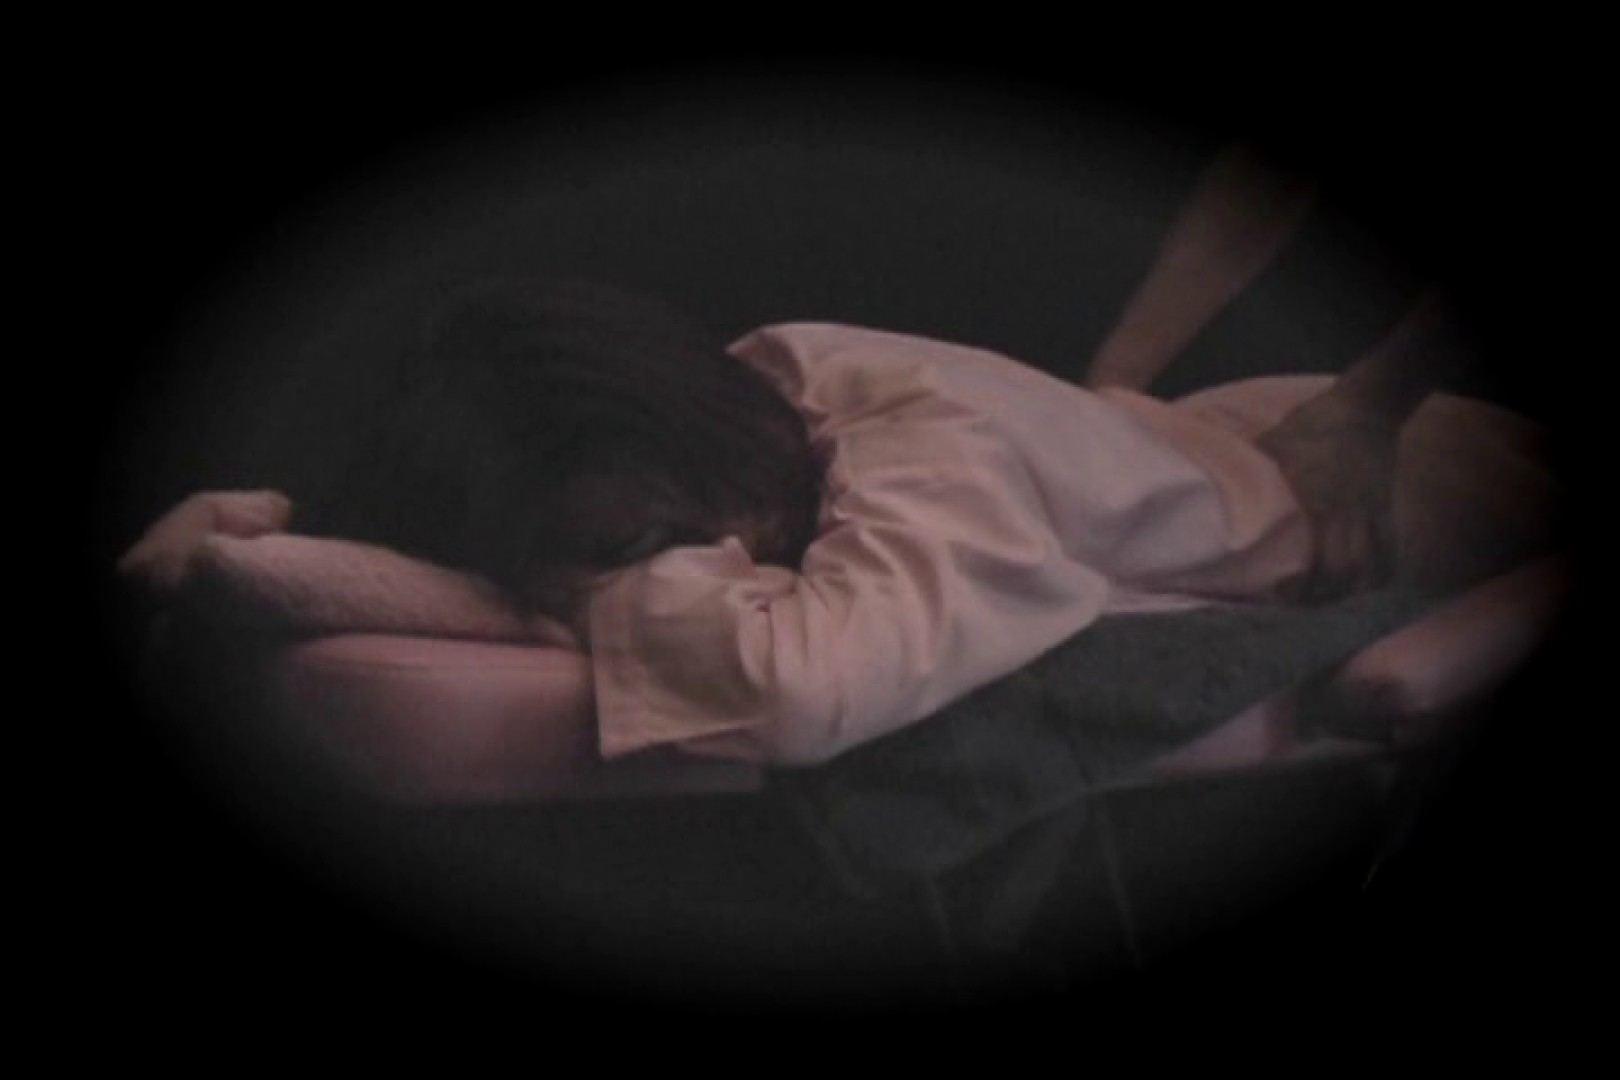 ド変体マッサージ覗き! マンコ・ムレムレ エロ無料画像 71pic 2